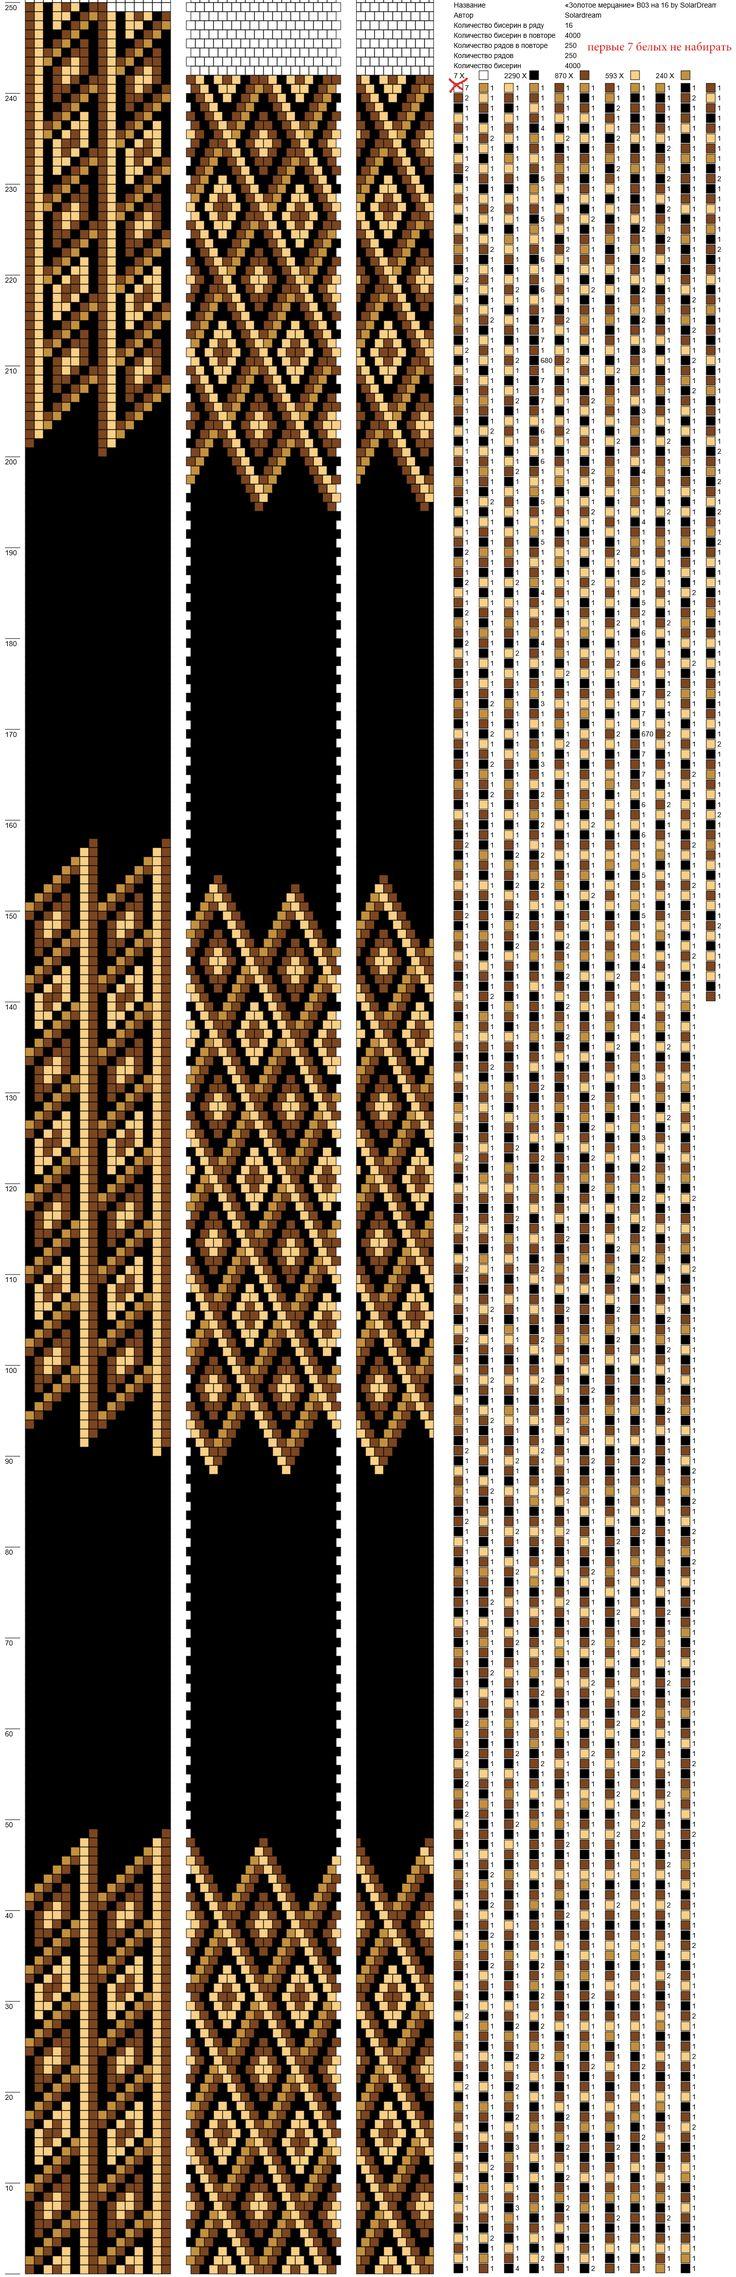 «Золотое мерцание» В03 на 16 by SolarDream.png